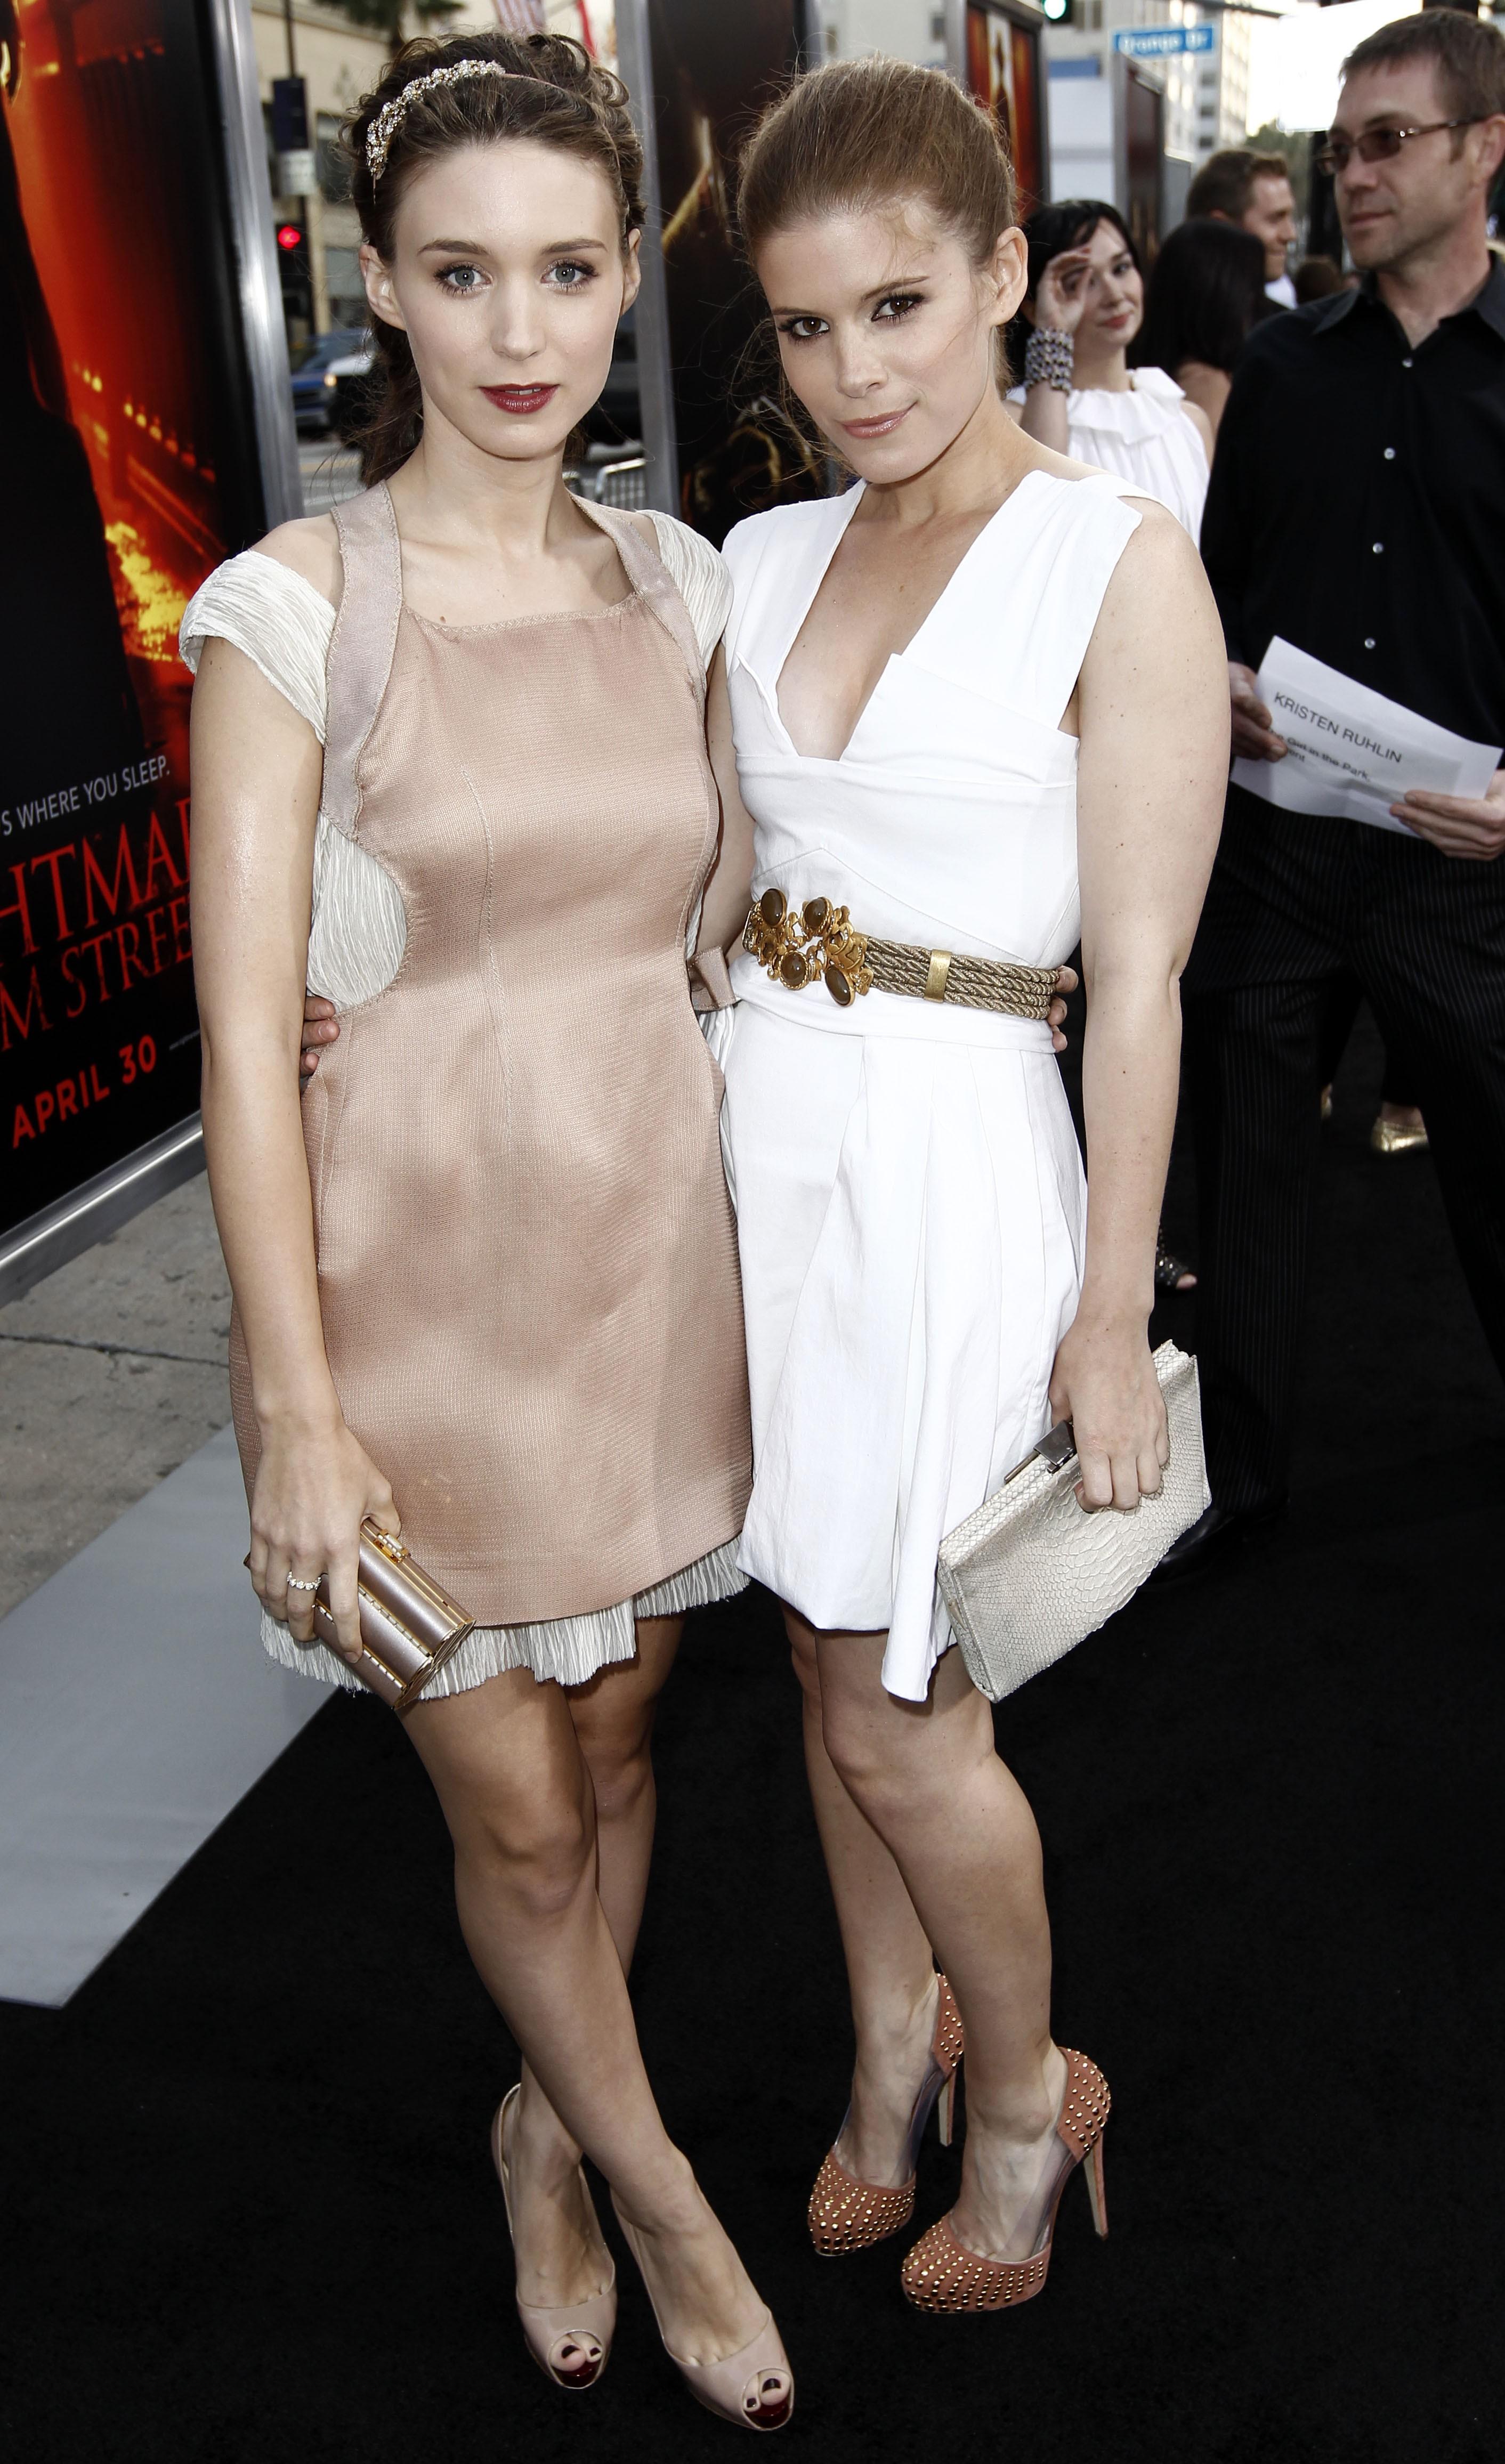 Rooney Mara, 31 and Kate Mara, 34